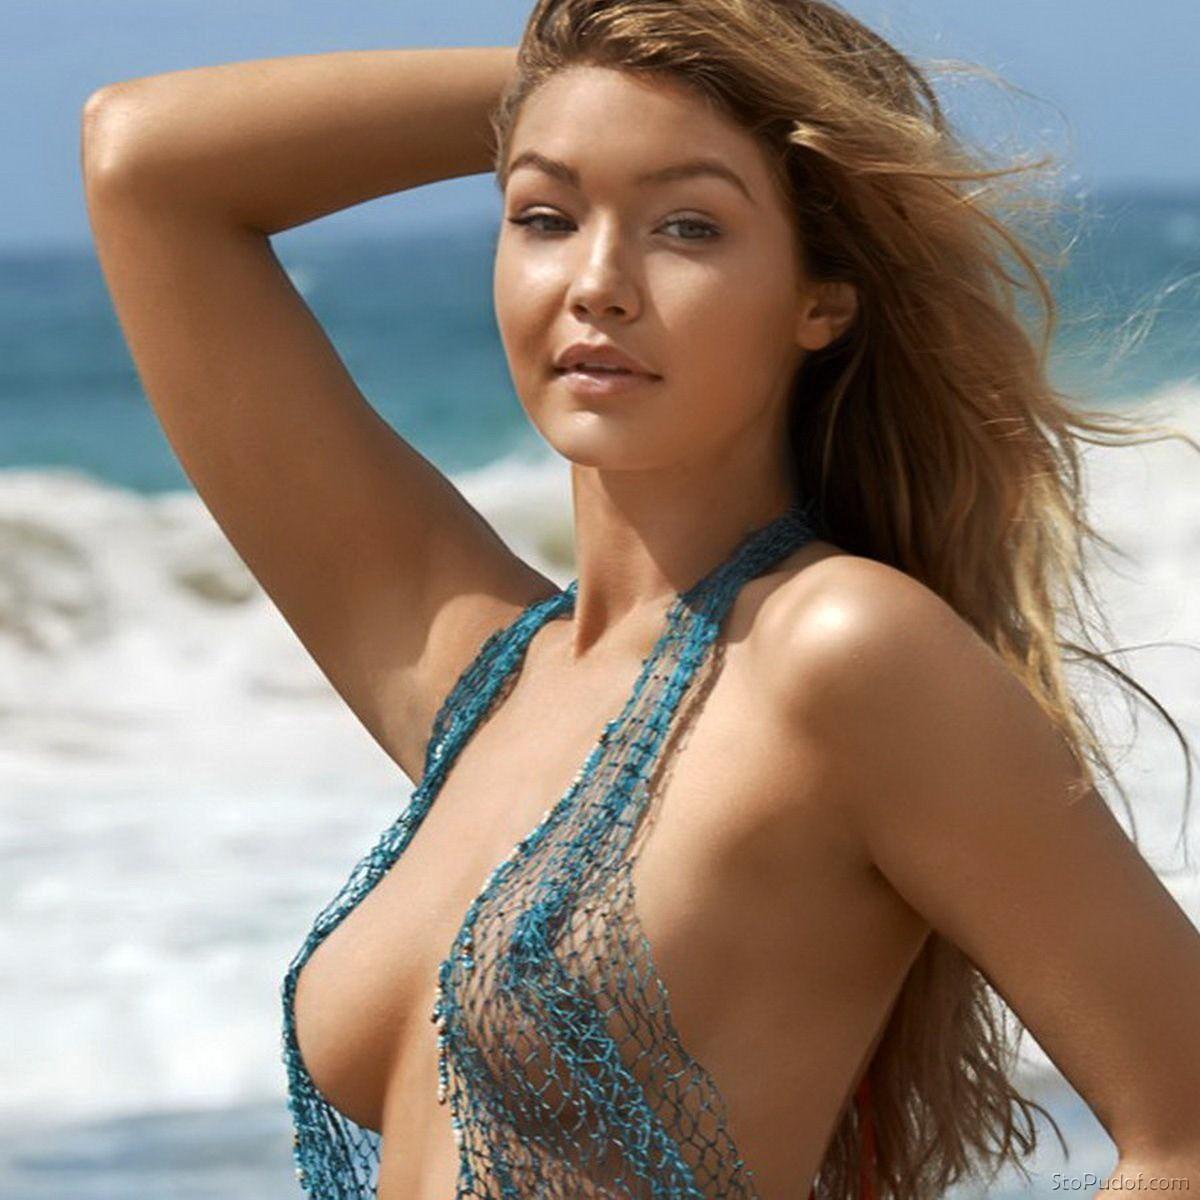 Gigi Hadid Nude Pics 2020